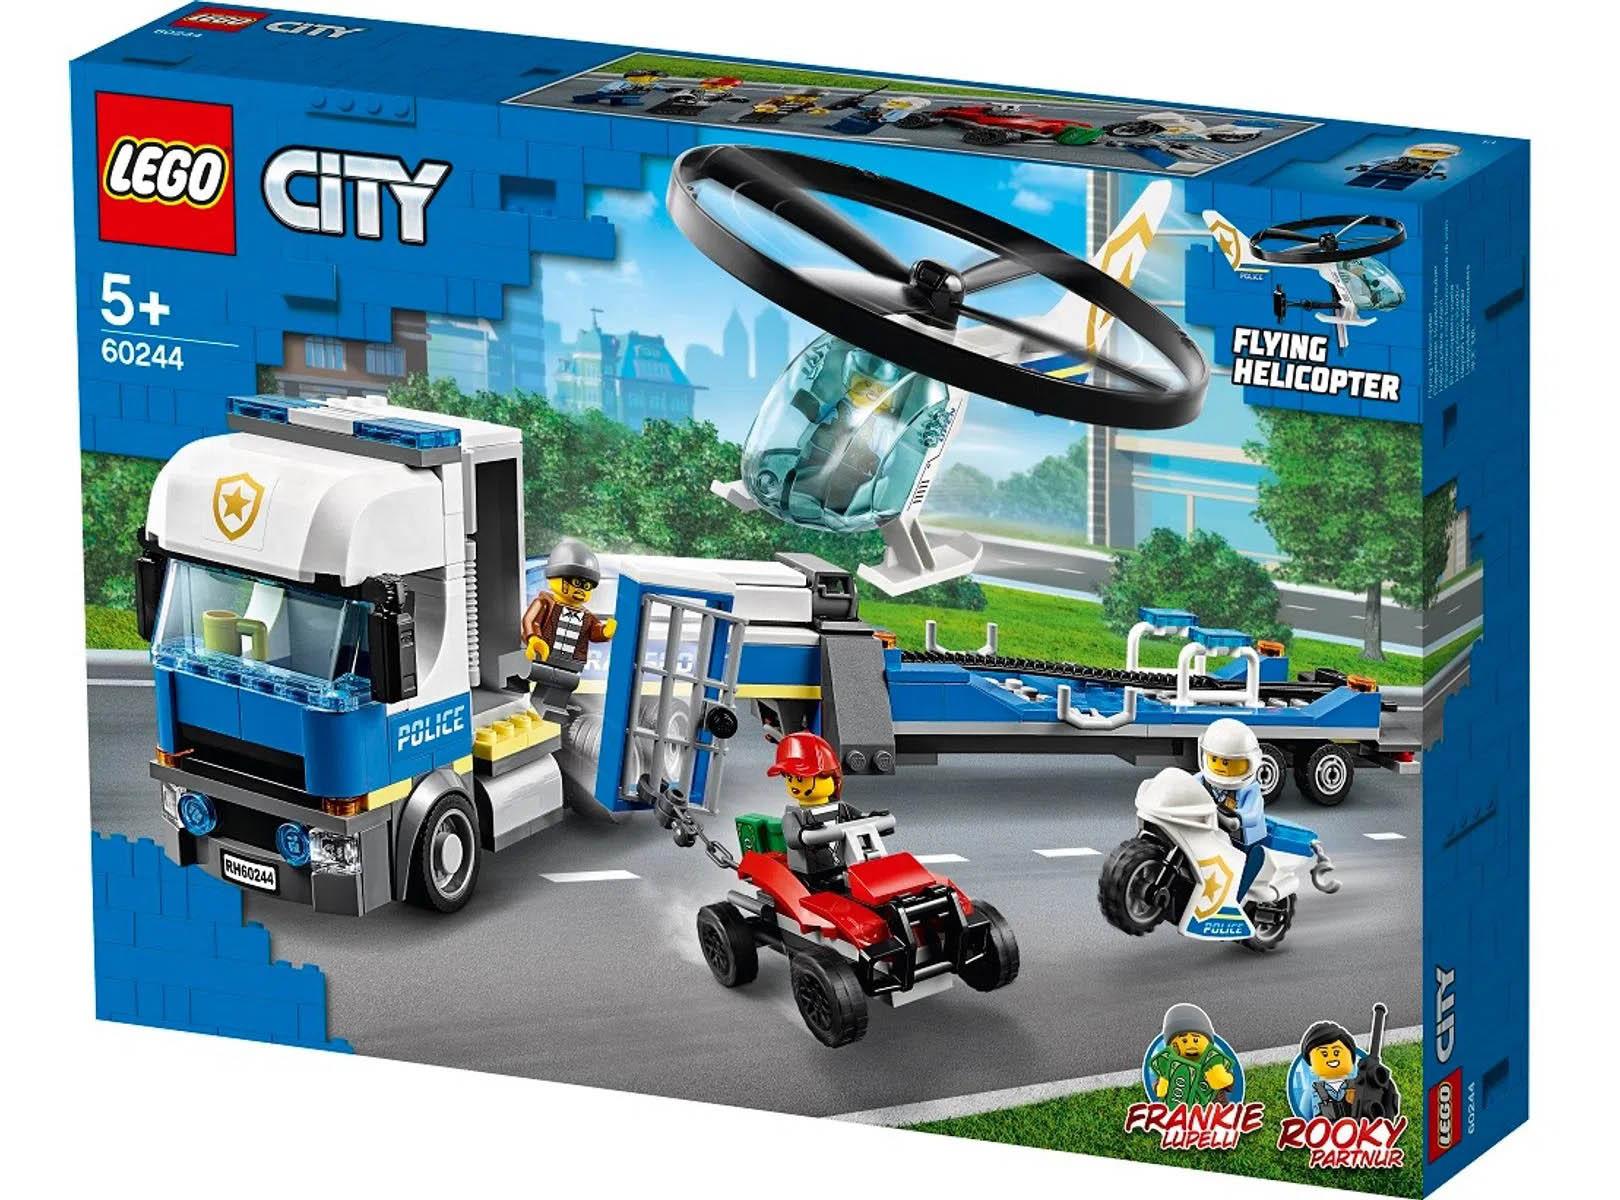 LEGO City Transporte de Helicóptero da Policia 60244